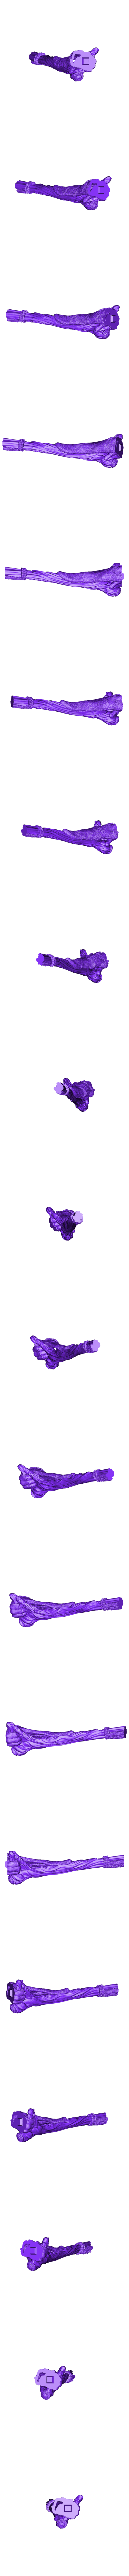 SerpentineMerchant_SPLIT_04.stl Download free STL file Serpentine Merchant - Multiple Pieces • Design to 3D print, bendansie